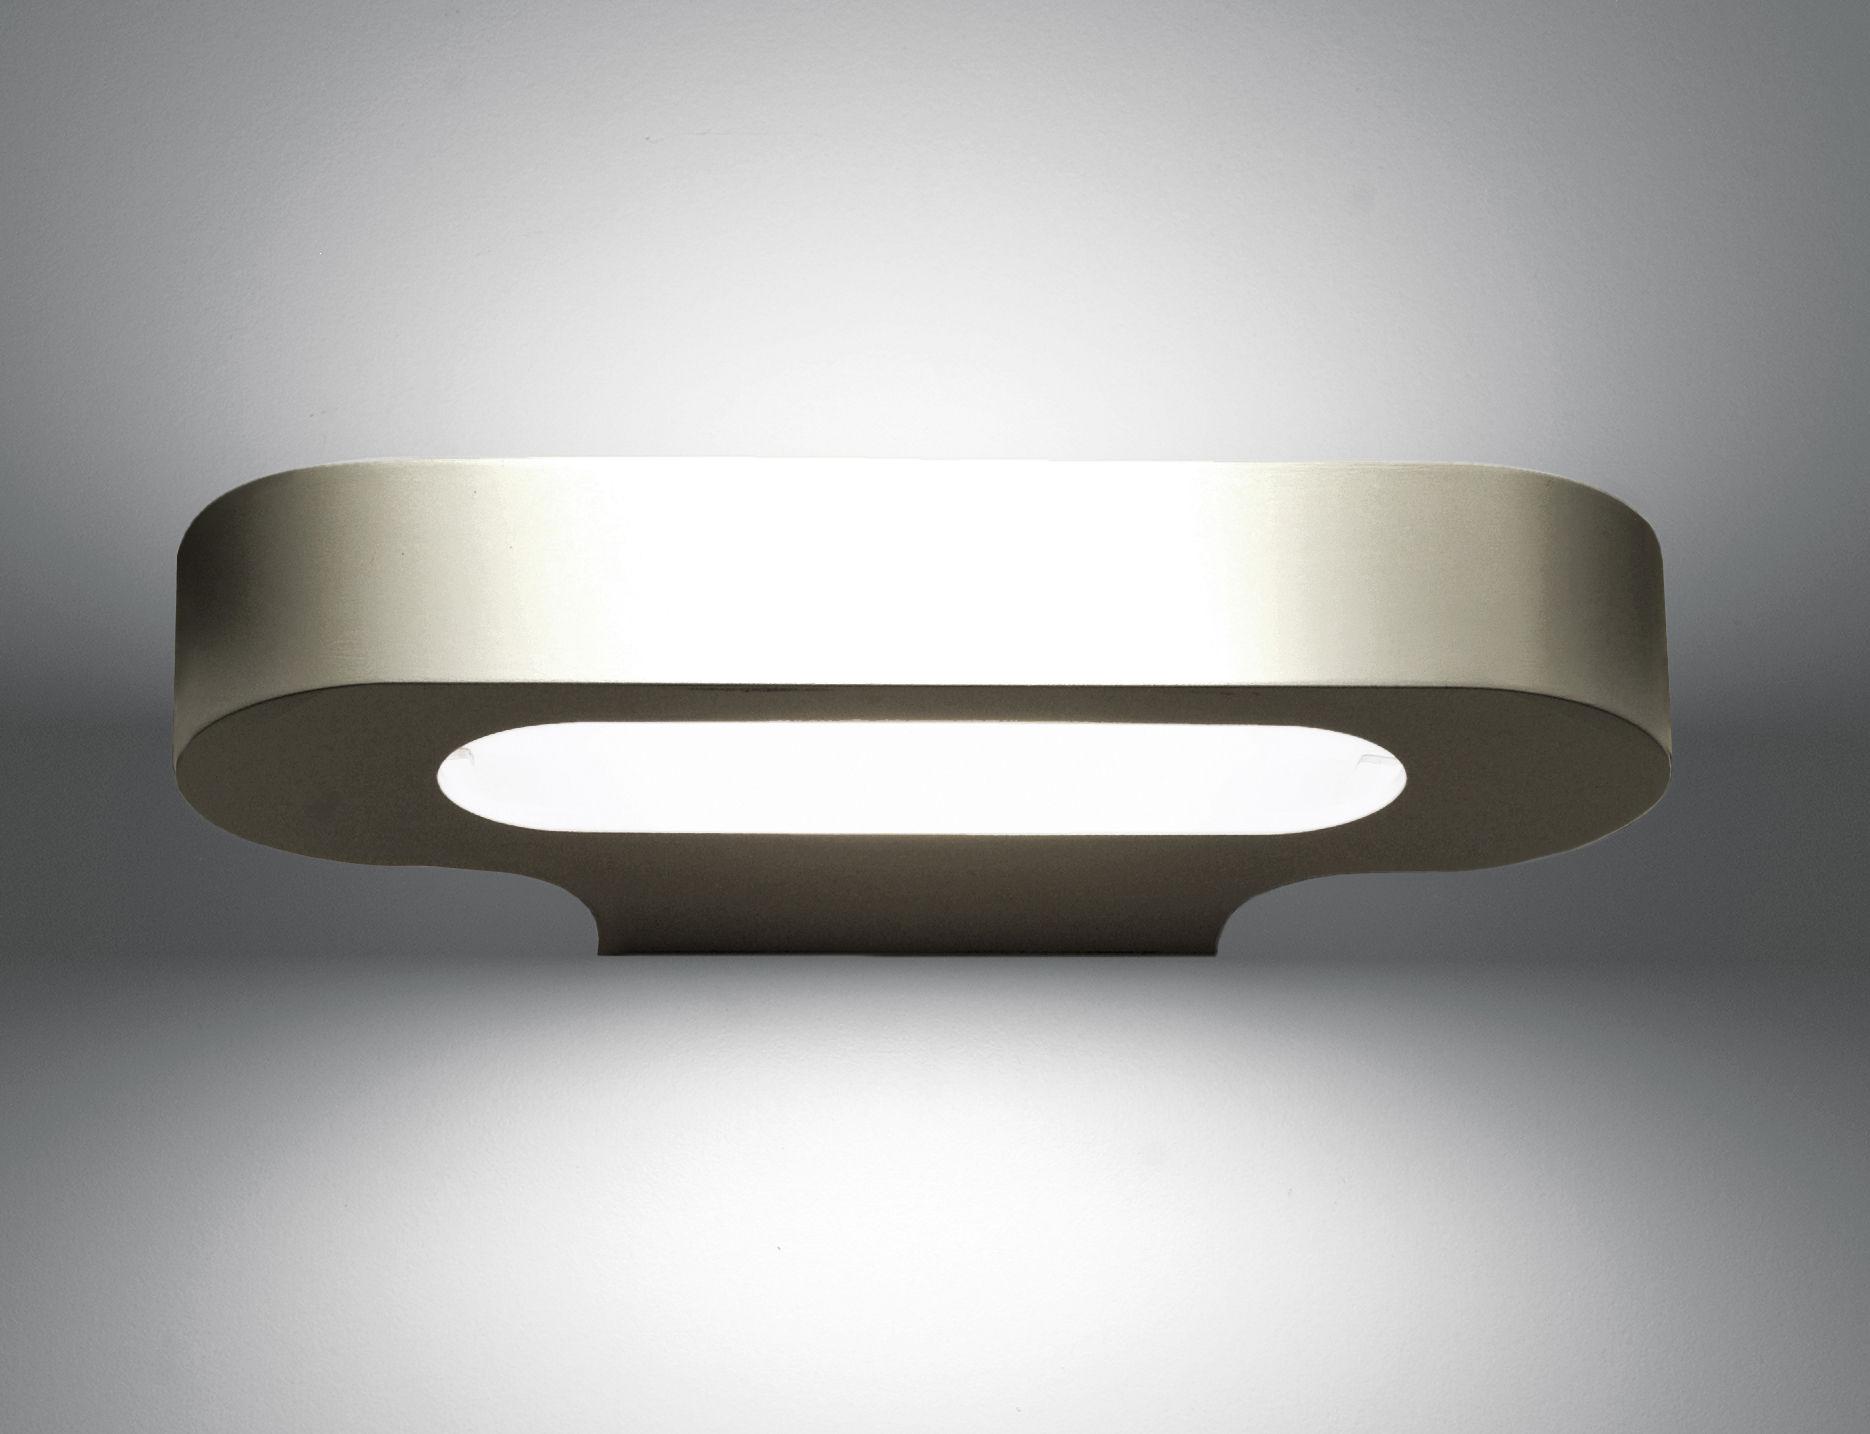 Applique talo led l cm or artemide made in design